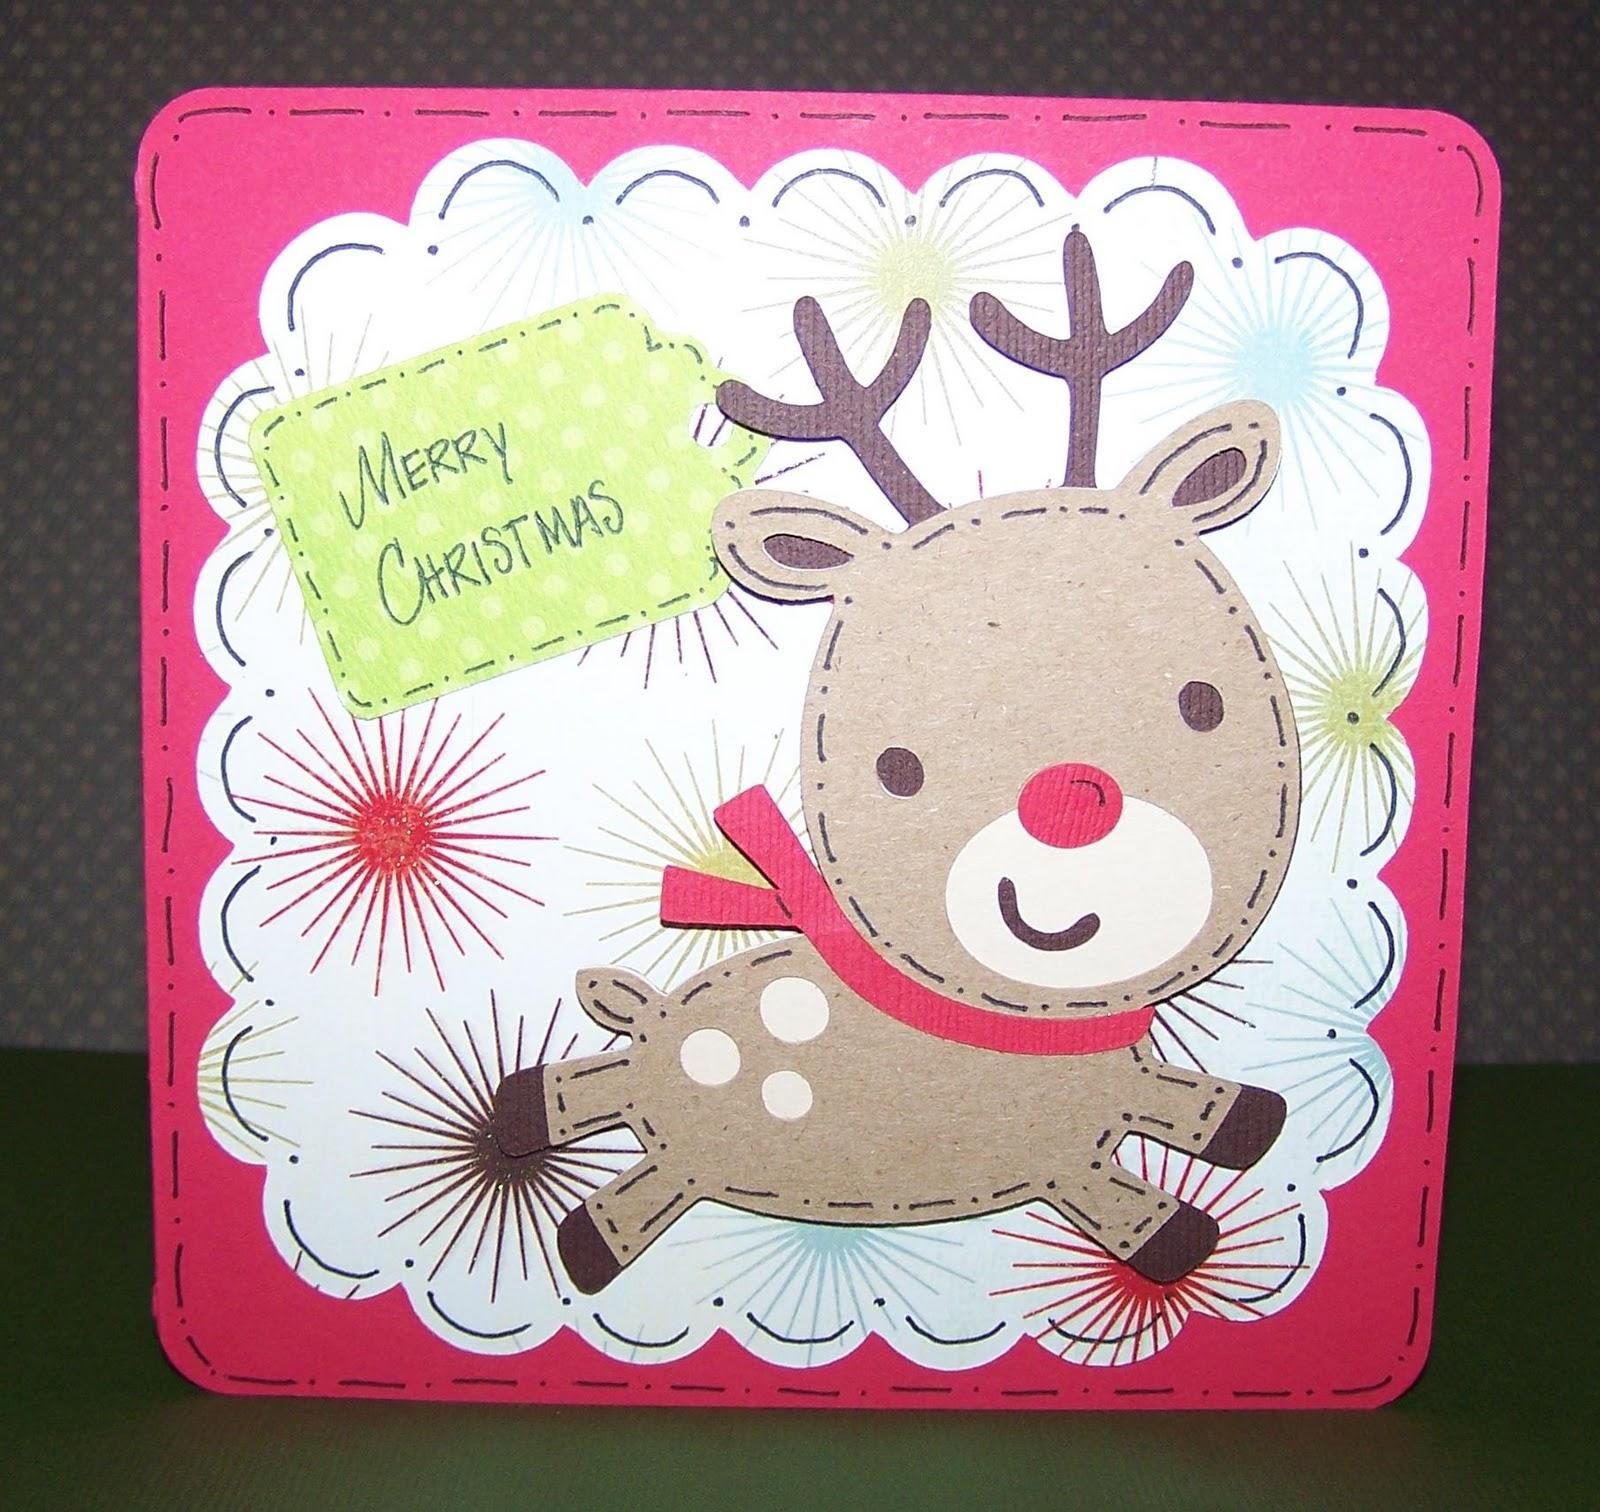 Christmas Card Cricut Ideas Holliday Decorations